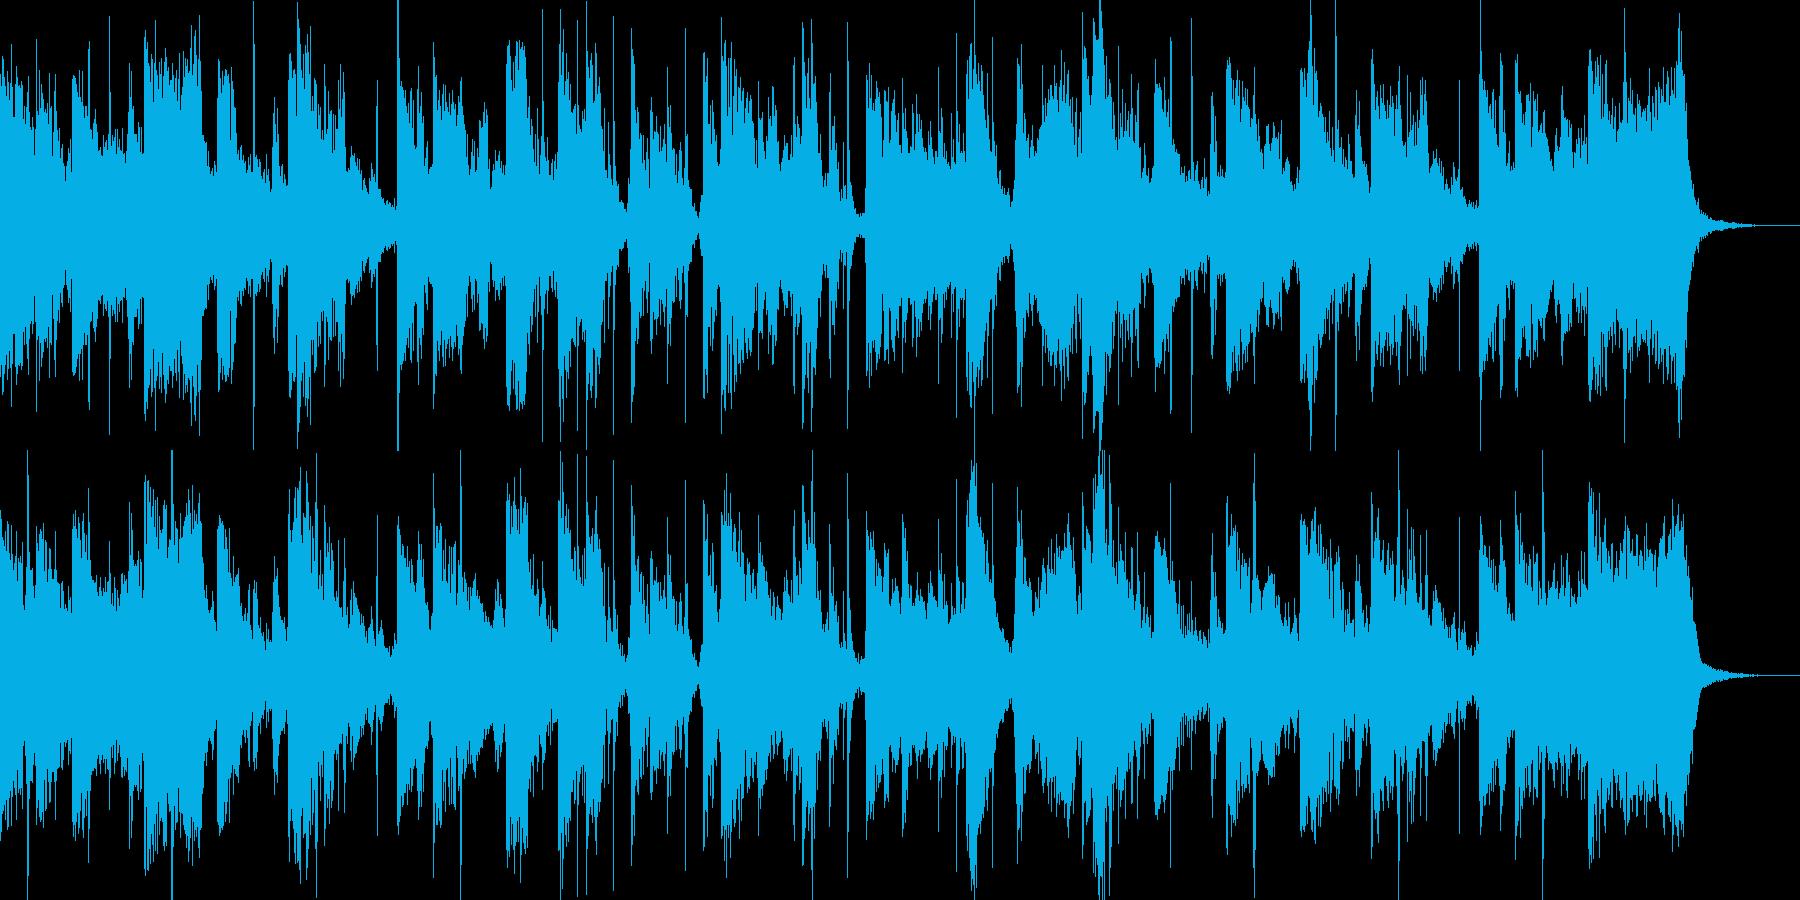 シネマティックパーカッションのトレーラーの再生済みの波形